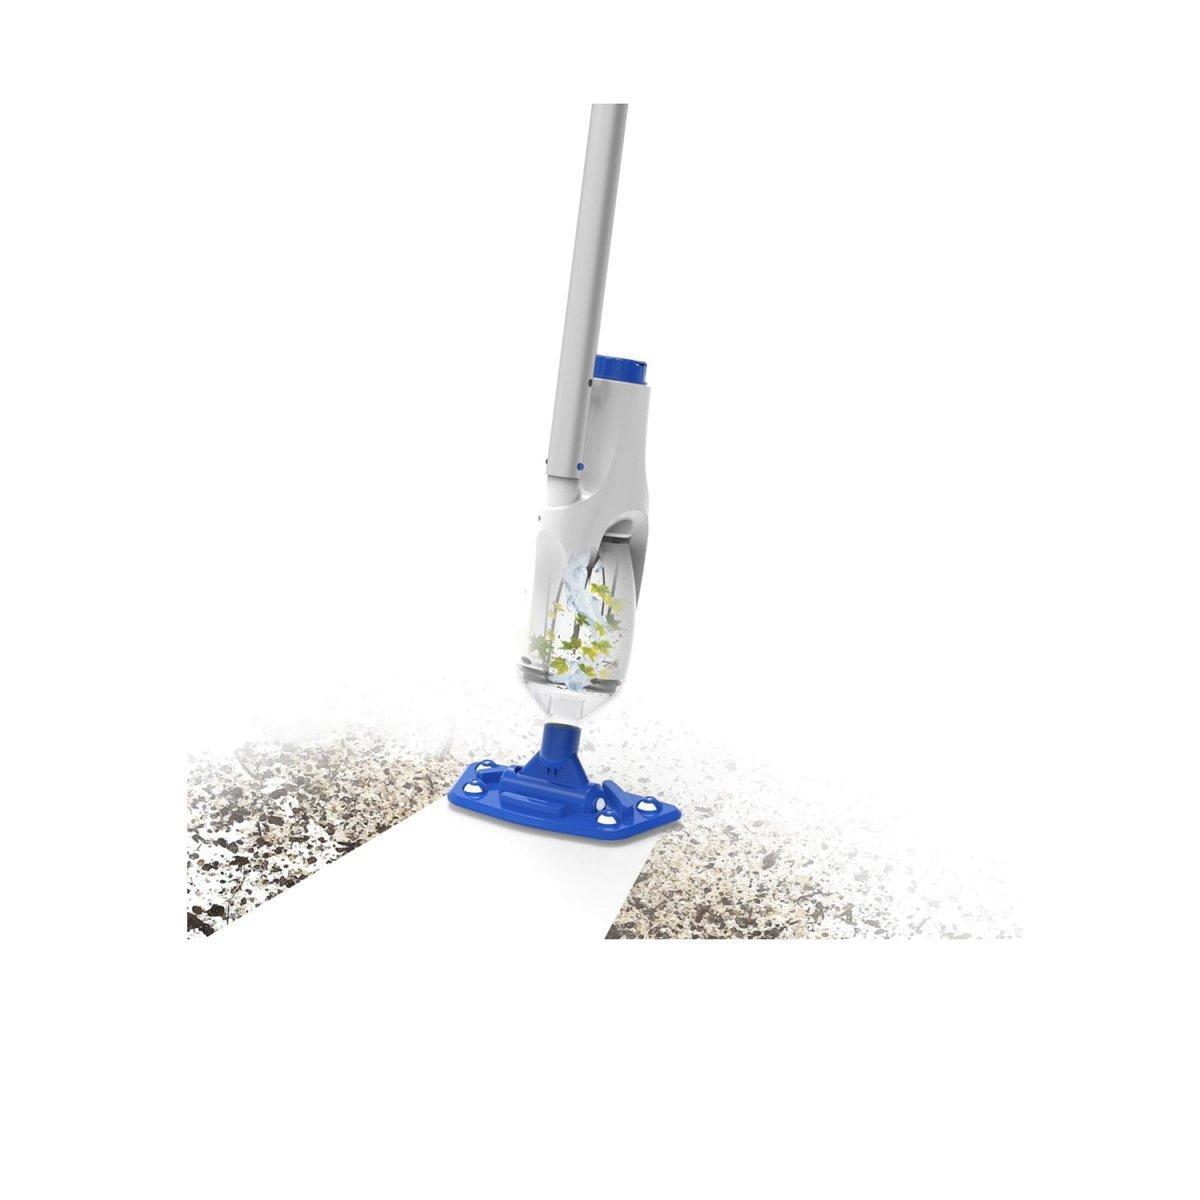 Акумуляторний пилосос для чищення басейнів і джакузі Bestway 58624